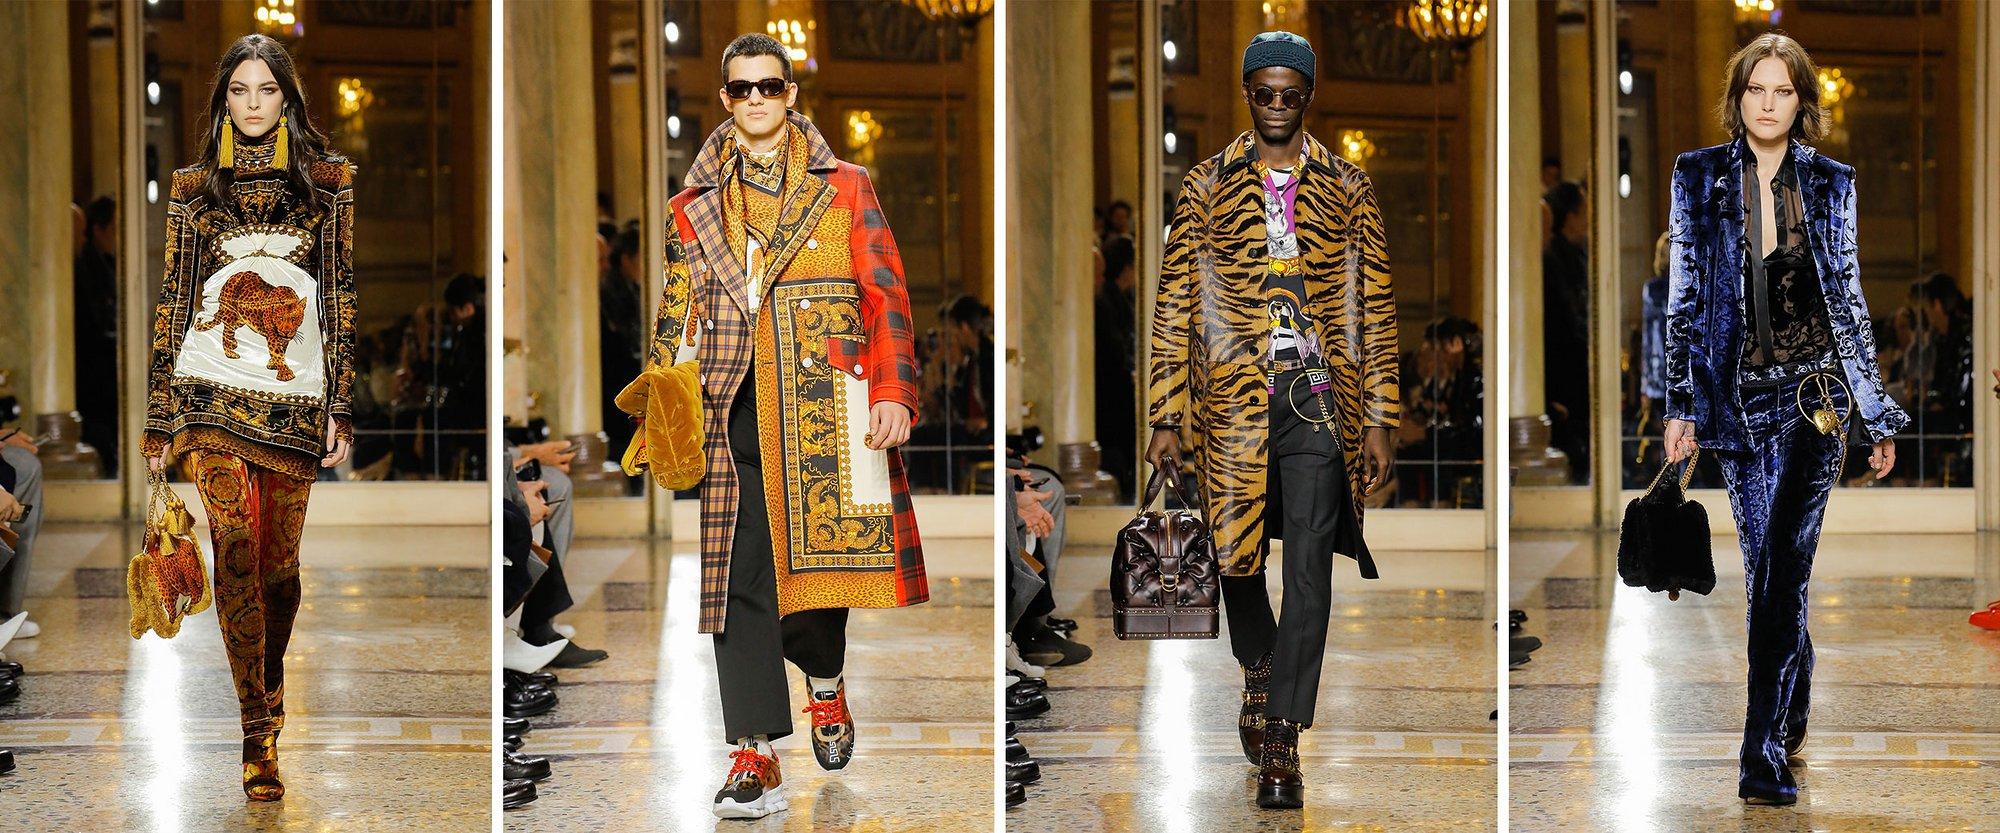 6438d9aef5 A képre kattintva pedig végig tudod görgetni, hogy mit is gondol a Versace divatház  a 2018-as férfi divatról. Helyenként pár női darabbal megspékelve persze ...